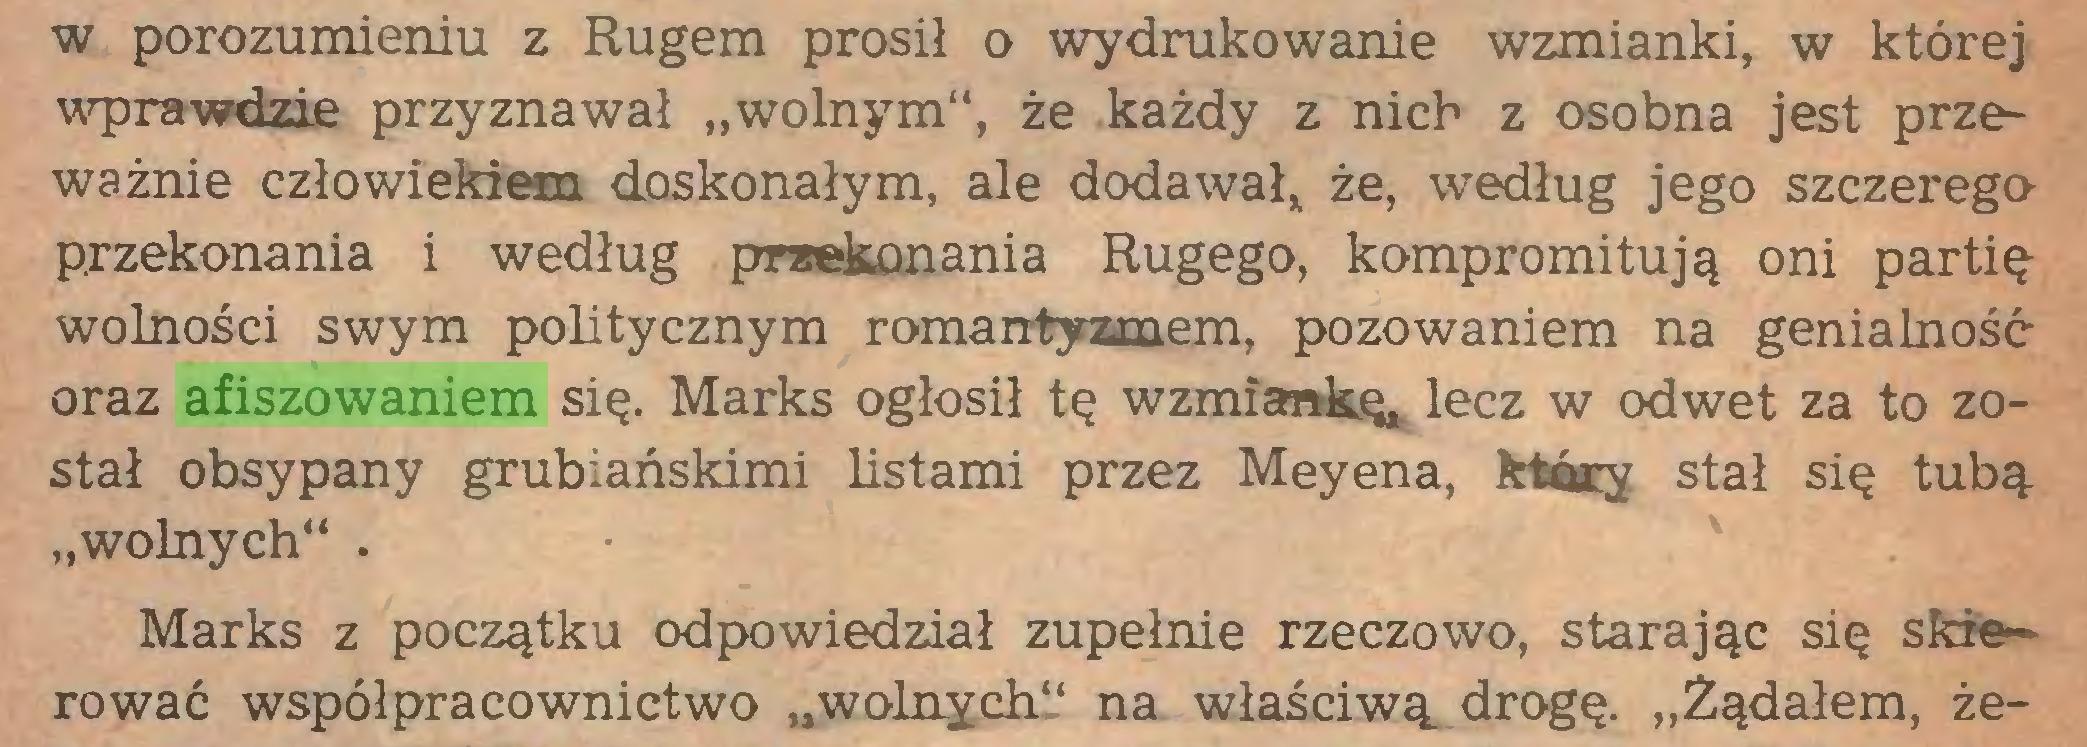 """(...) w porozumieniu z Rugem prosił o wydrukowanie wzmianki, w której wprawdzie przyznawał """"wolnym"""", że każdy z nich z osobna jest przeważnie człowiekiem doskonałym, ale dodawał* że, według jego szczerego przekonania i według przekonania Rugego, kompromitują oni partię wolności swym politycznym romantyzmem, pozowaniem na genialność oraz afiszowaniem się. Marks ogłosił tę wzmiankę, lecz w odwet za to został obsypany grubiańskimi listami przez Meyena, który stał się tubą """"wolnych"""" . ' Marks z początku odpowiedział zupełnie rzeczowo, starając się skierować współpracownictwo """"wolnych"""" na właściwą, drogę. """"Żądałem, że..."""